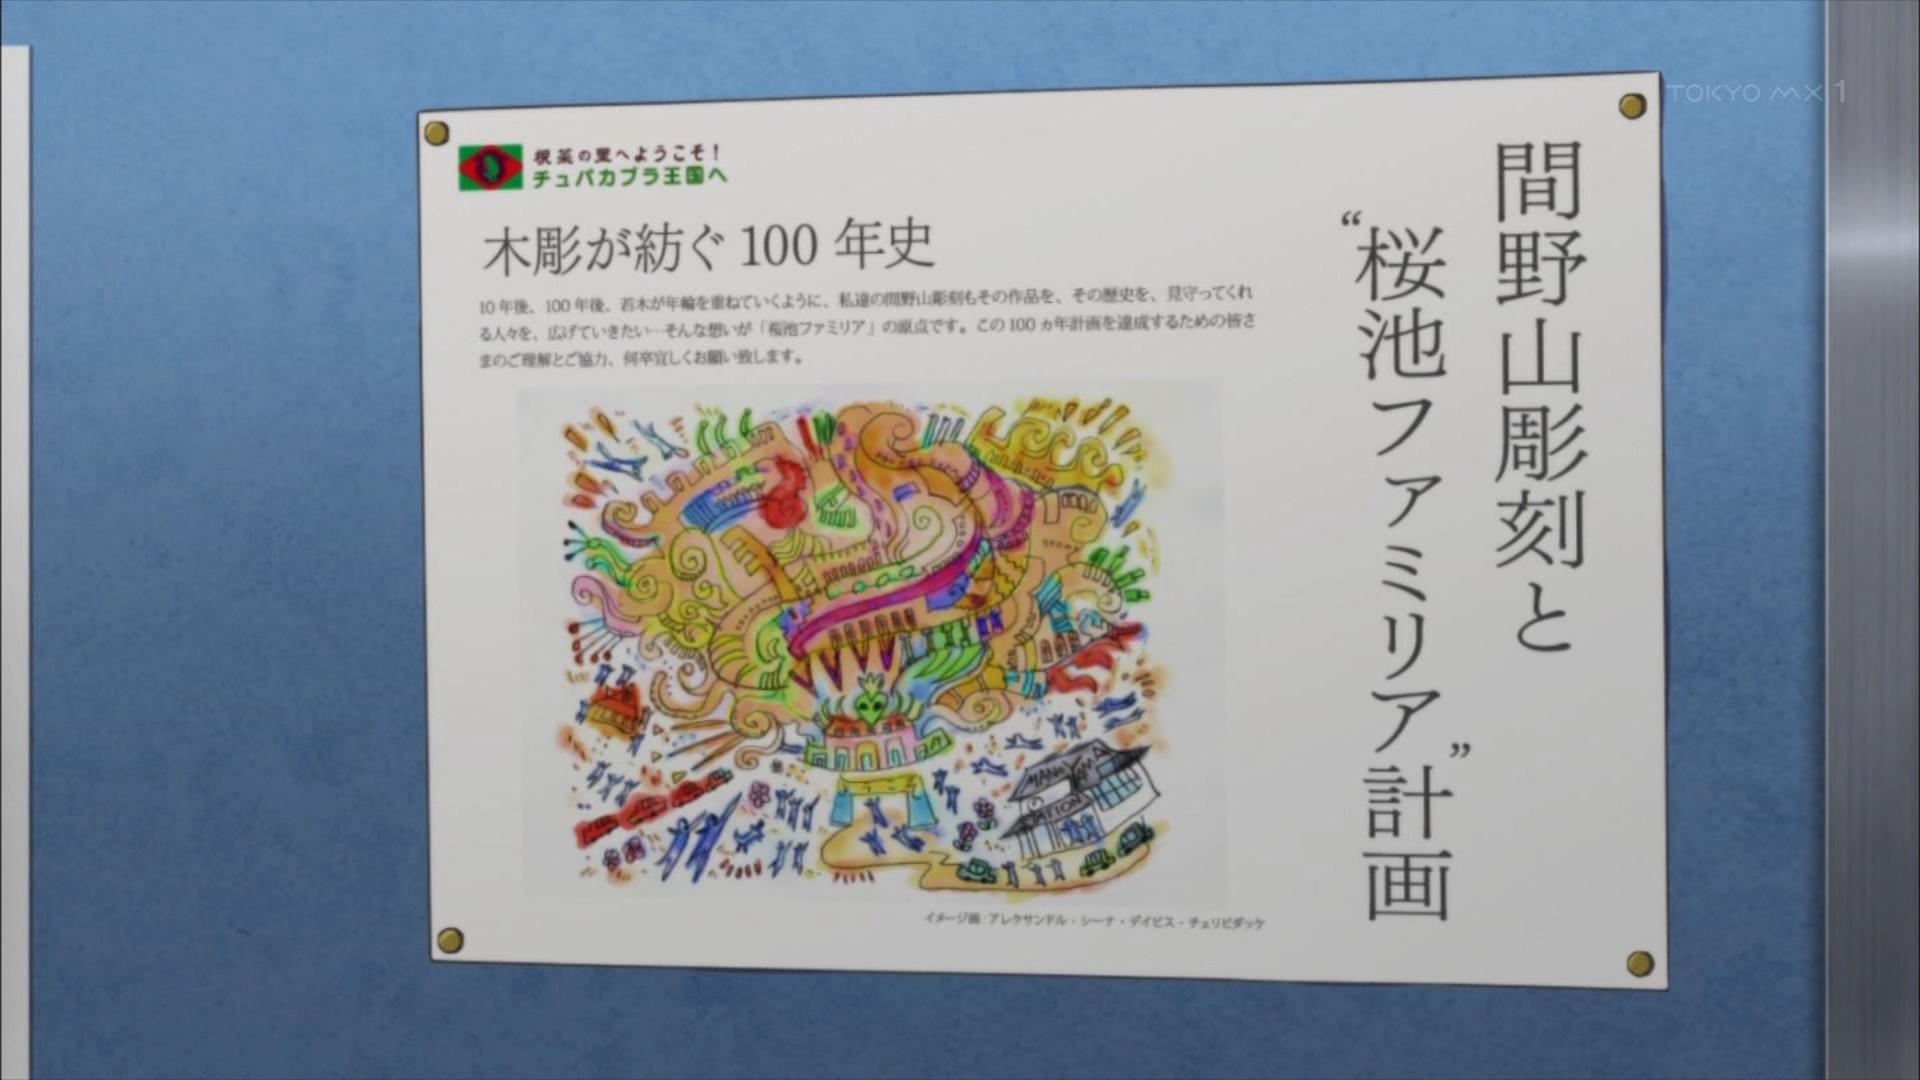 間野山彫刻と桜池ファミリア計画(サクラクエスト5話画像)